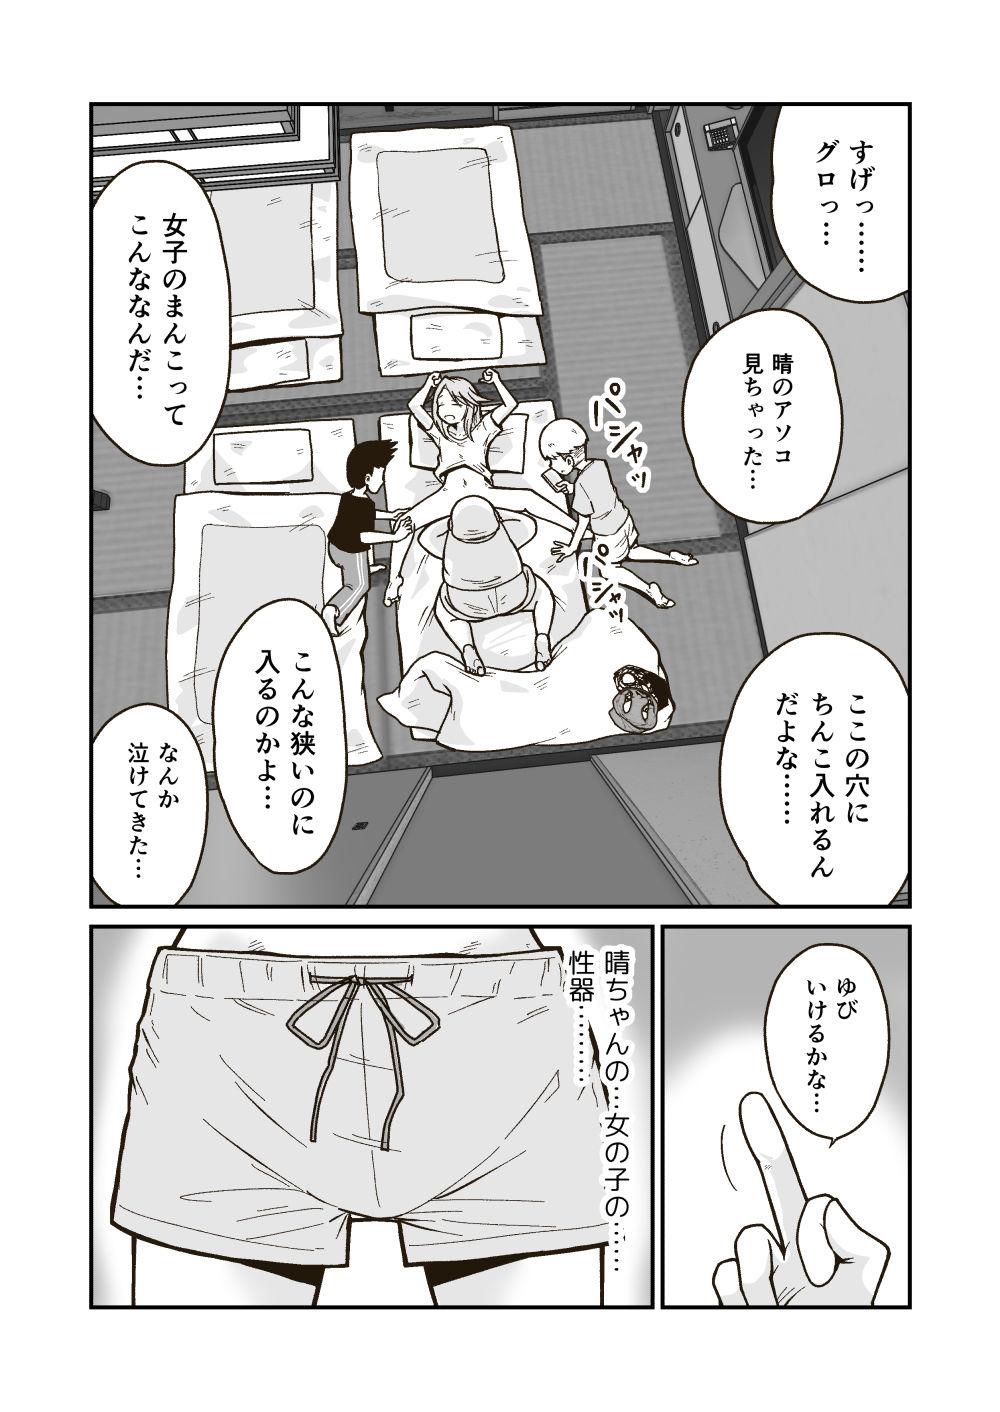 ひみつの布団部屋